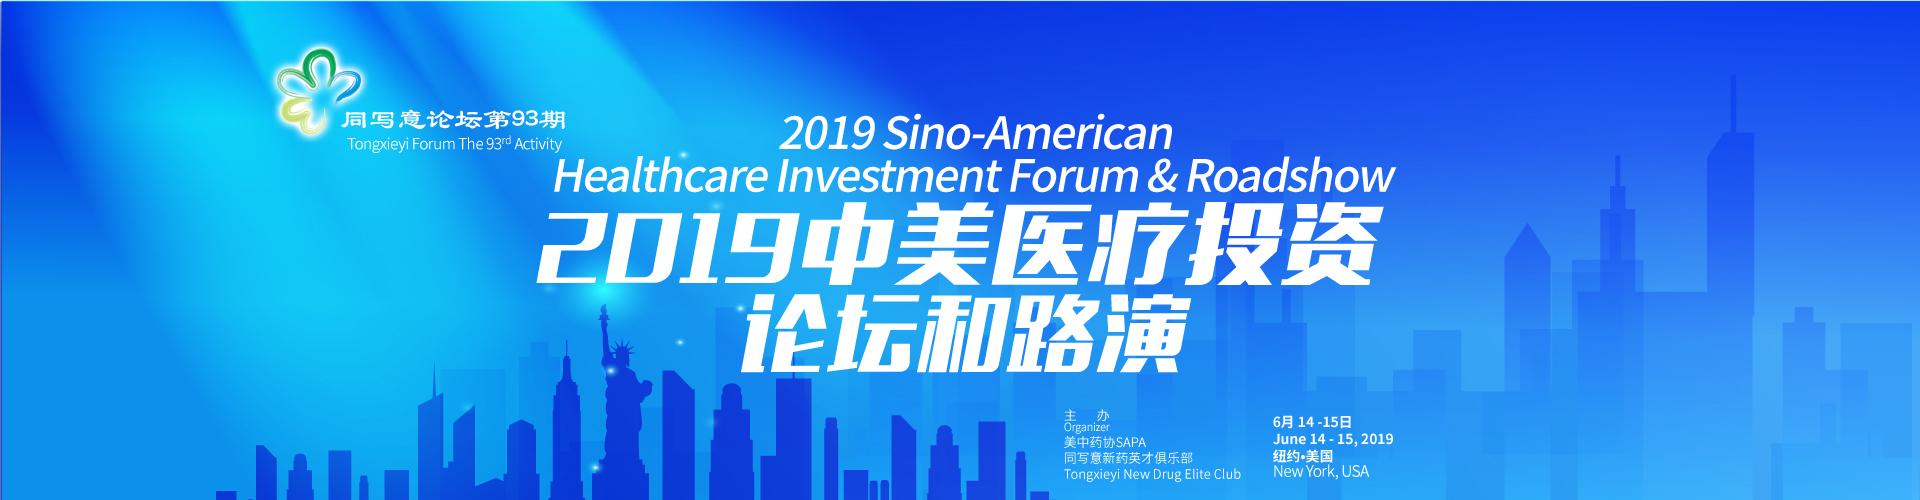 同写意论坛第93期活动-2019中美医疗投资论坛和路演